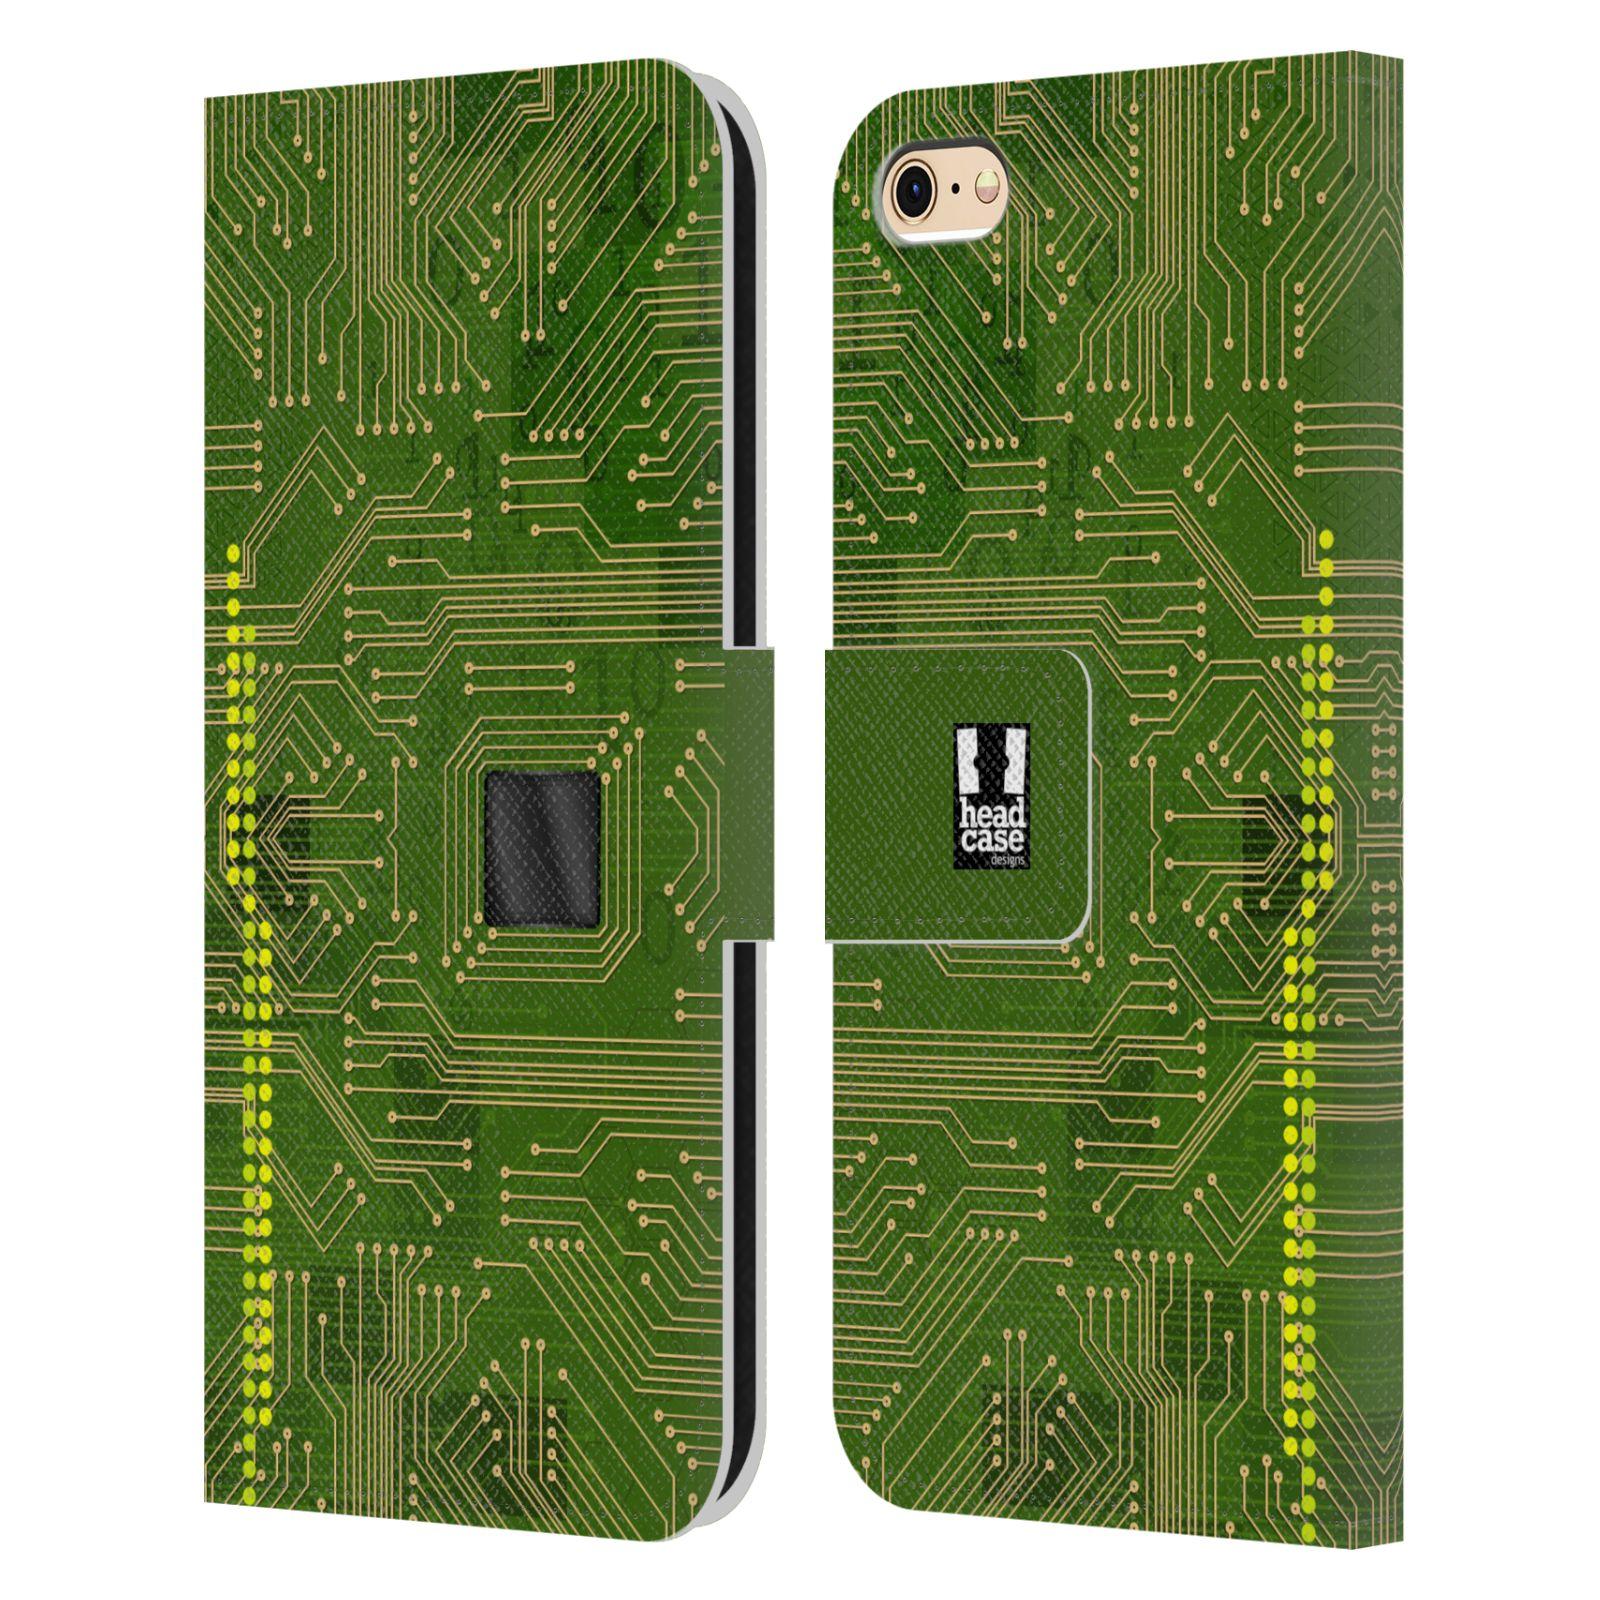 HEAD CASE Flipové pouzdro pro mobil Apple Iphone 6/6s počítač základní deska zelená barva